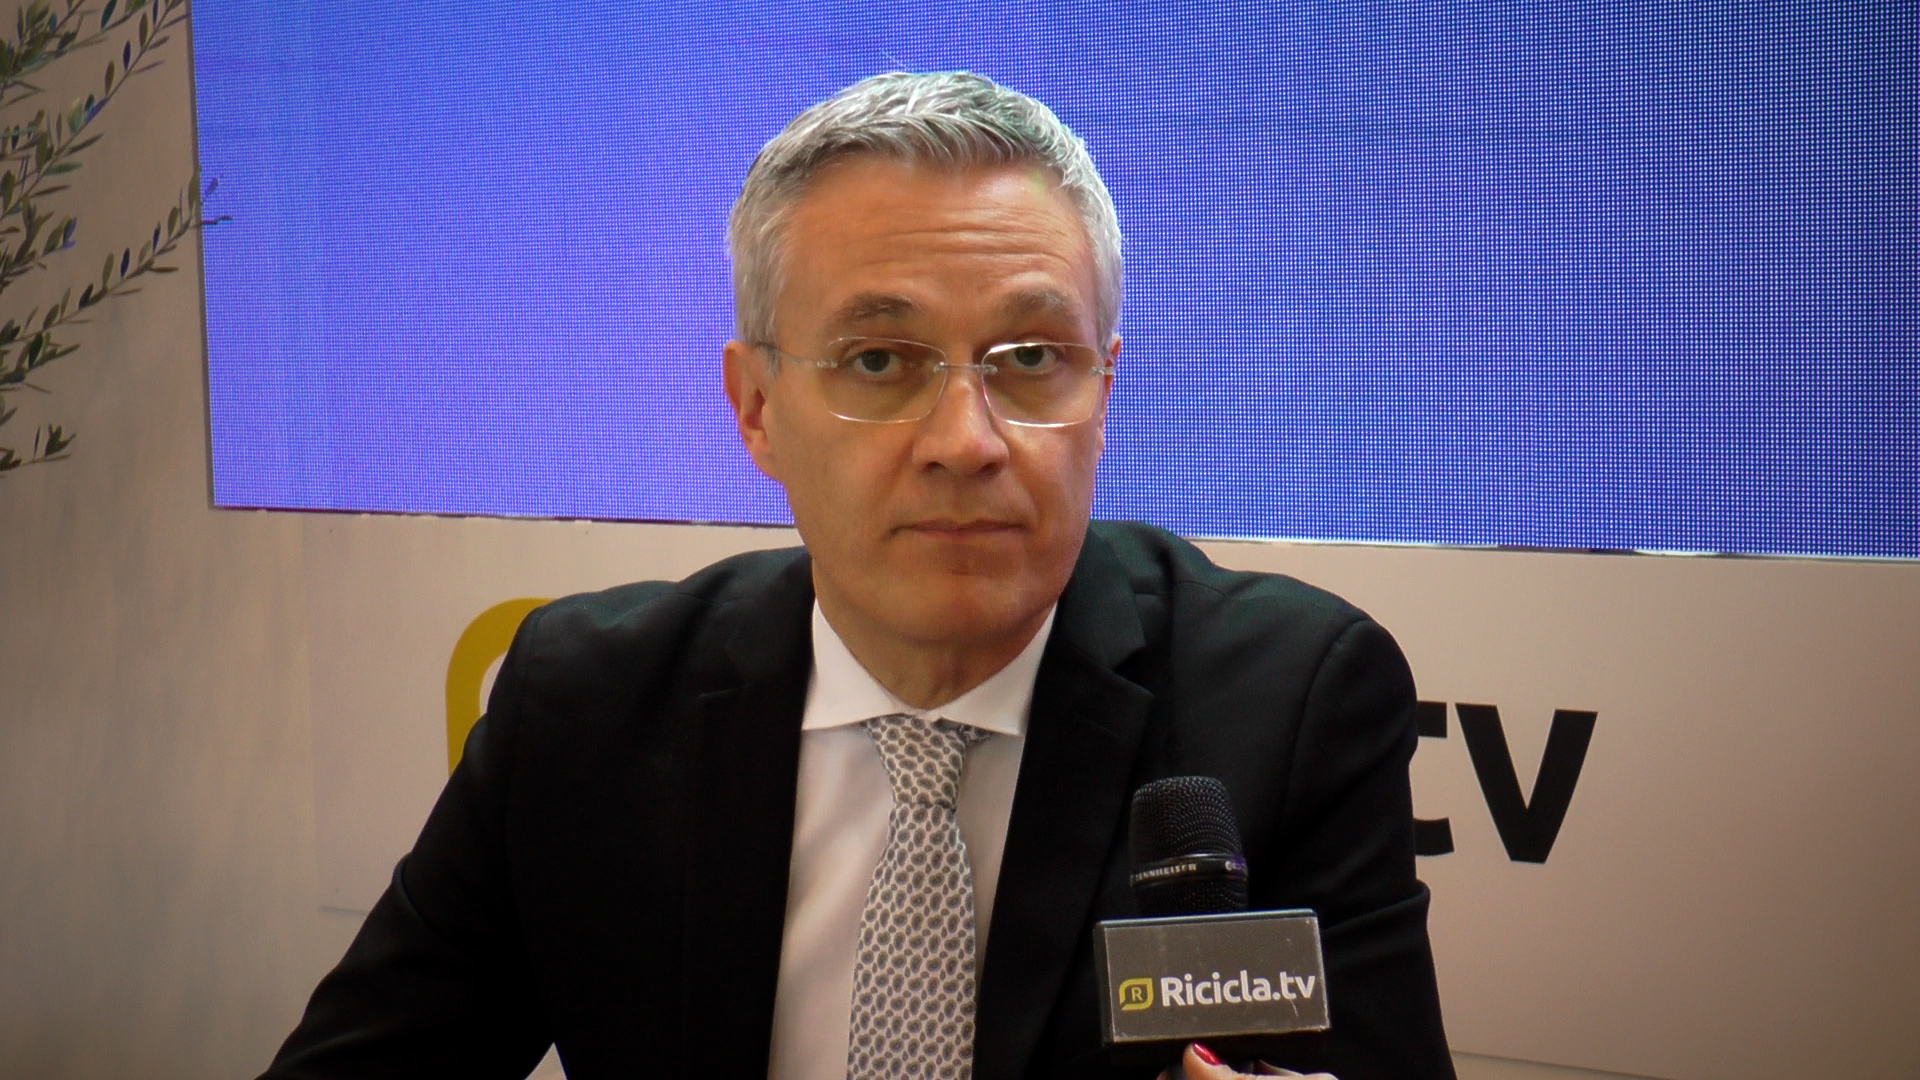 ECOMONDO 2017 - LEGGE DI BILANCIO 2018, VACCARI: «SEGNALI IMPORTANTI SUL FRONTE AMBIENTALE»